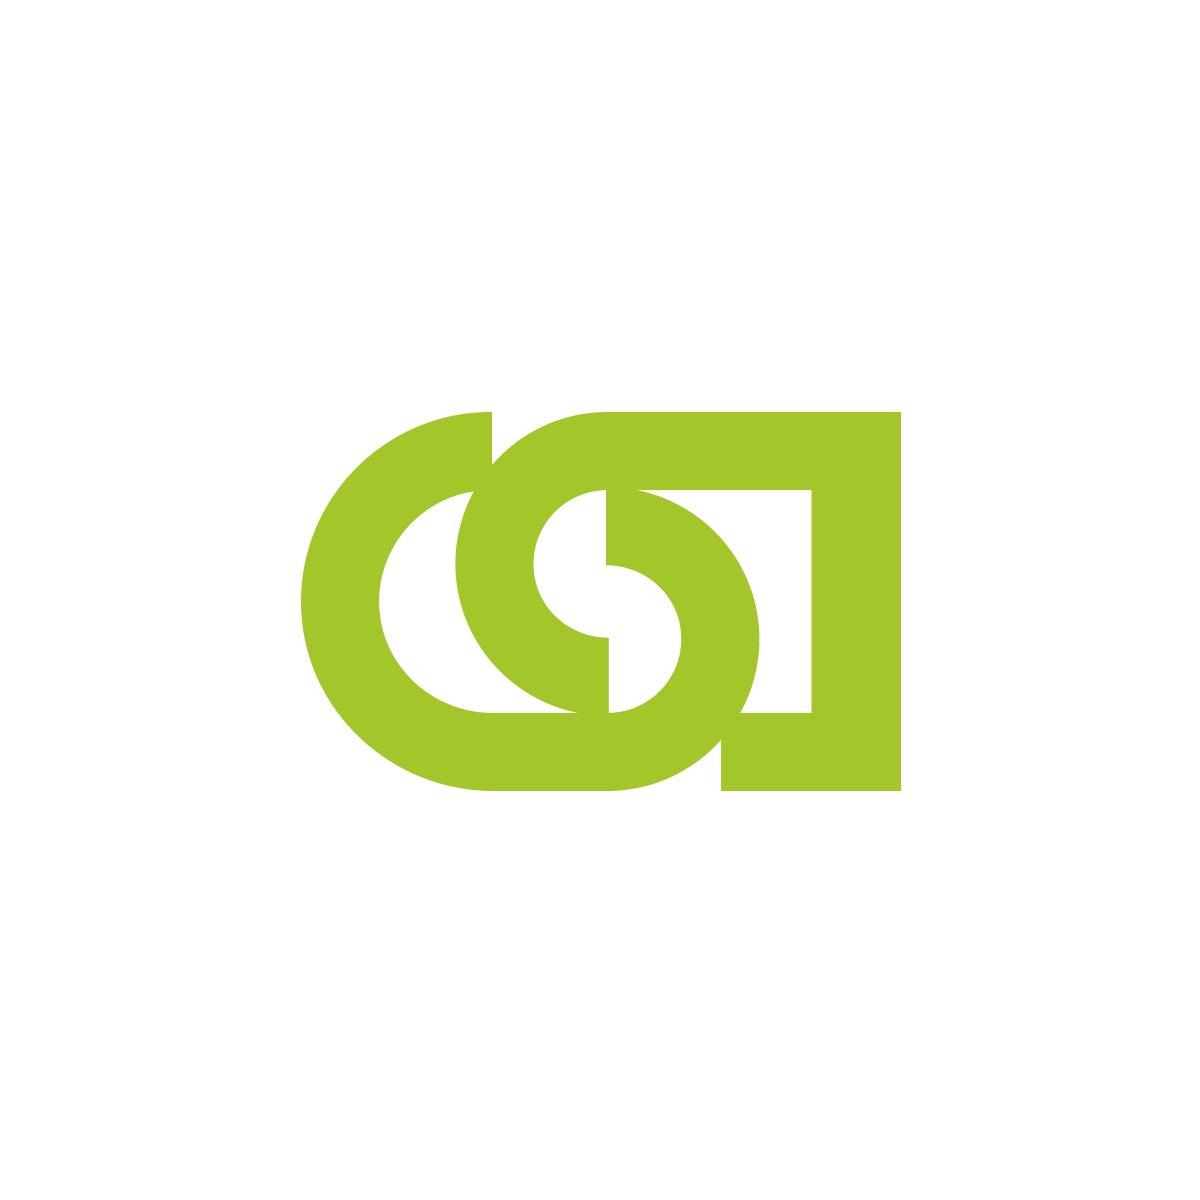 logos.035.jpeg